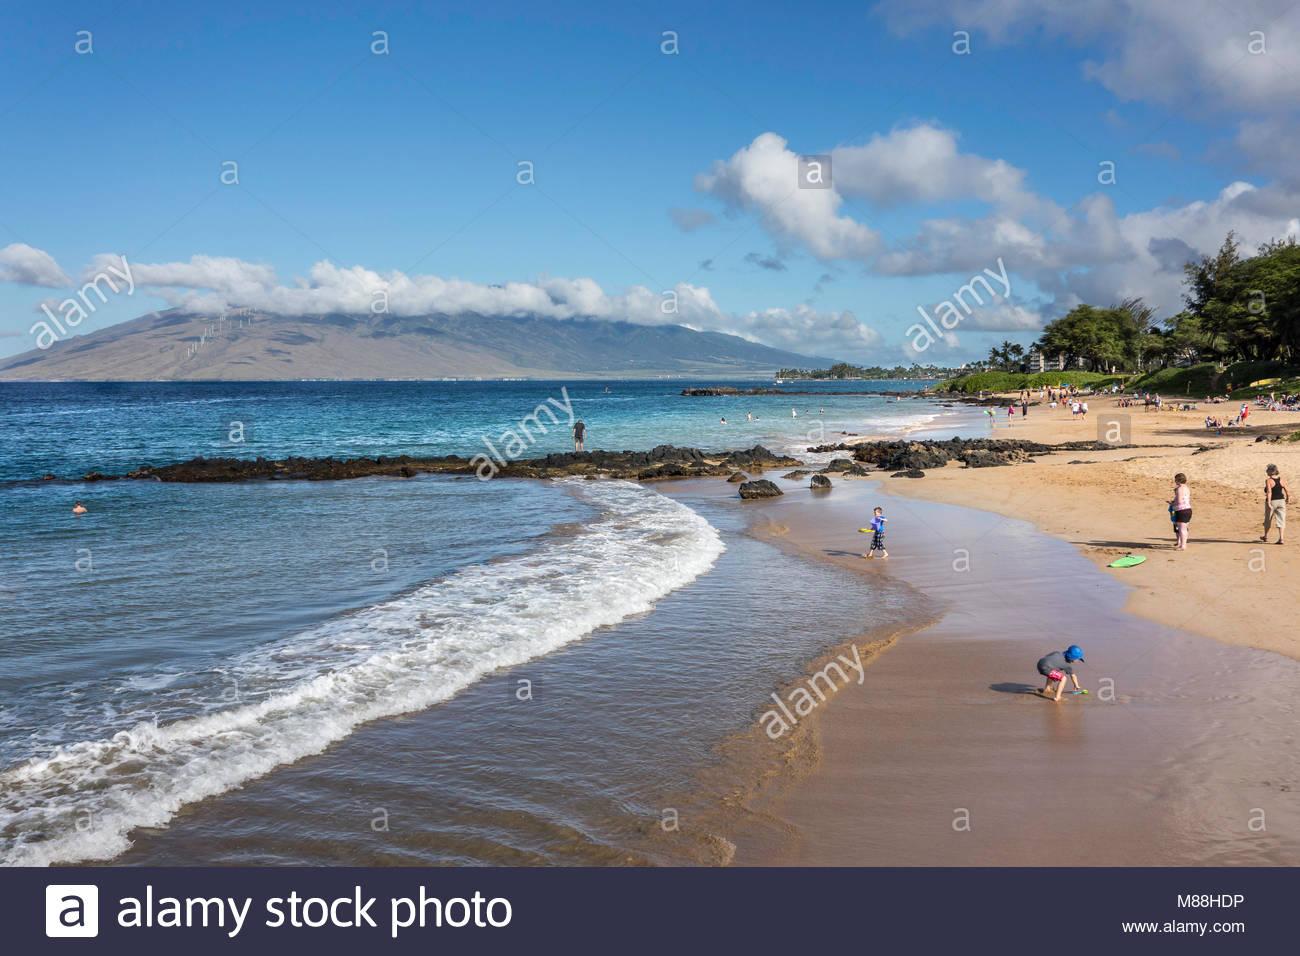 Dolce navigare su Kamaole Beach Park 3 in Kihei sull'isola di Maui nello stato delle Hawaii USA Immagini Stock